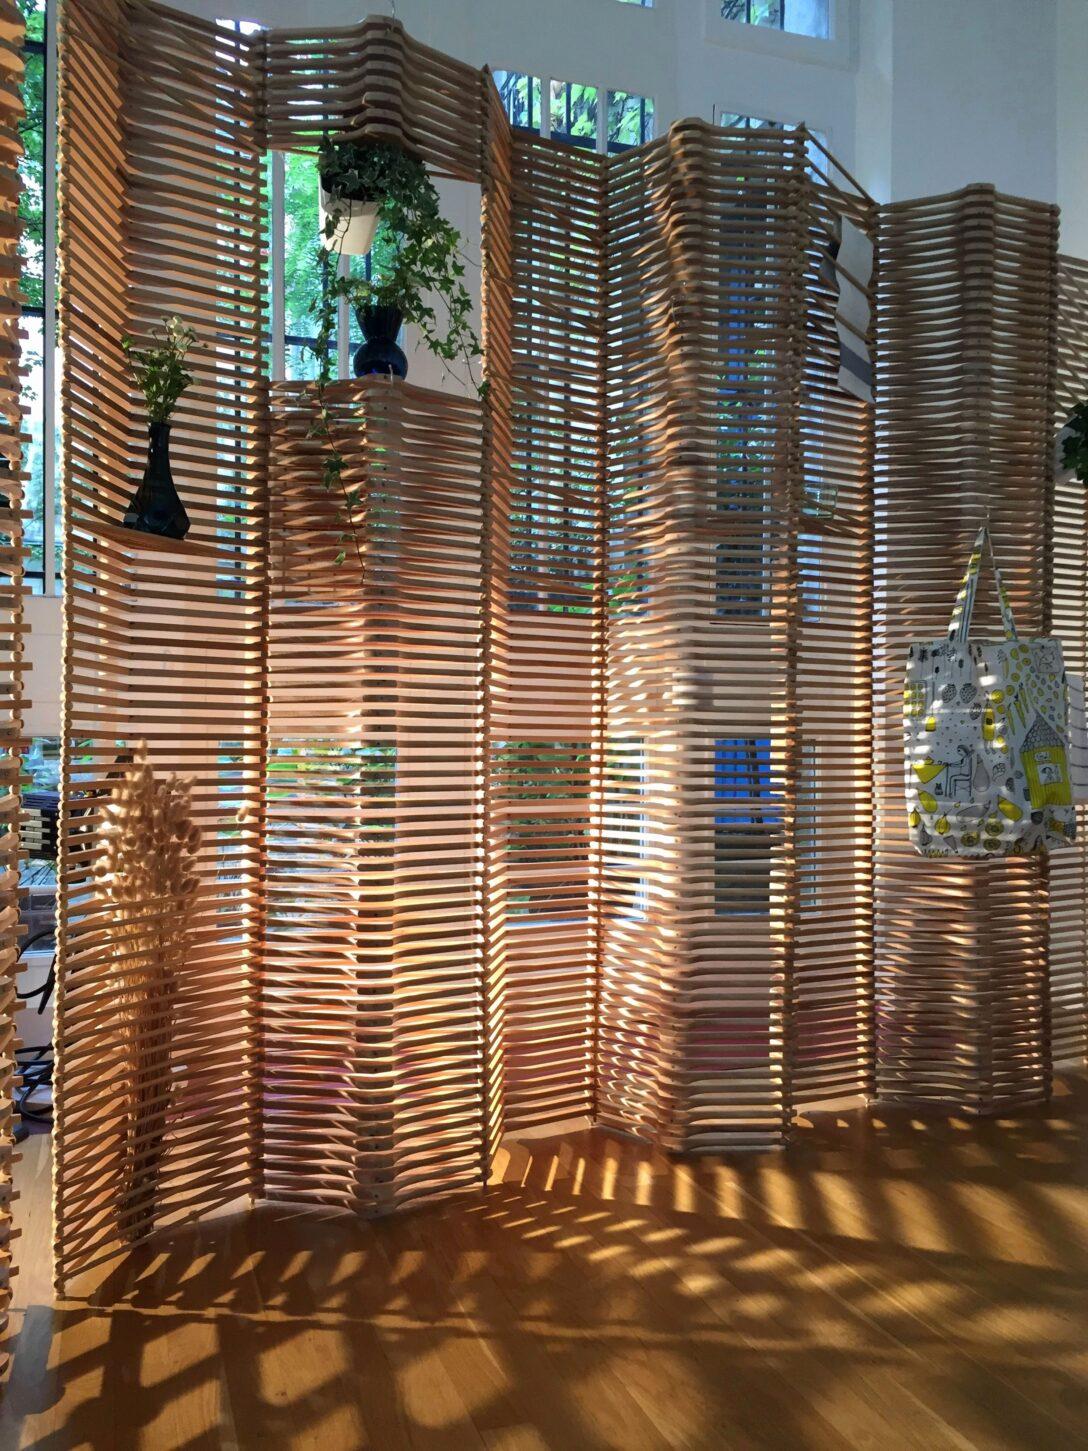 Large Size of Paravent Outdoor Ikea Bildergebnis Fr Bambus Mit Bildern Betten Bei Küche Kaufen 160x200 Kosten Sofa Schlaffunktion Garten Miniküche Edelstahl Wohnzimmer Paravent Outdoor Ikea